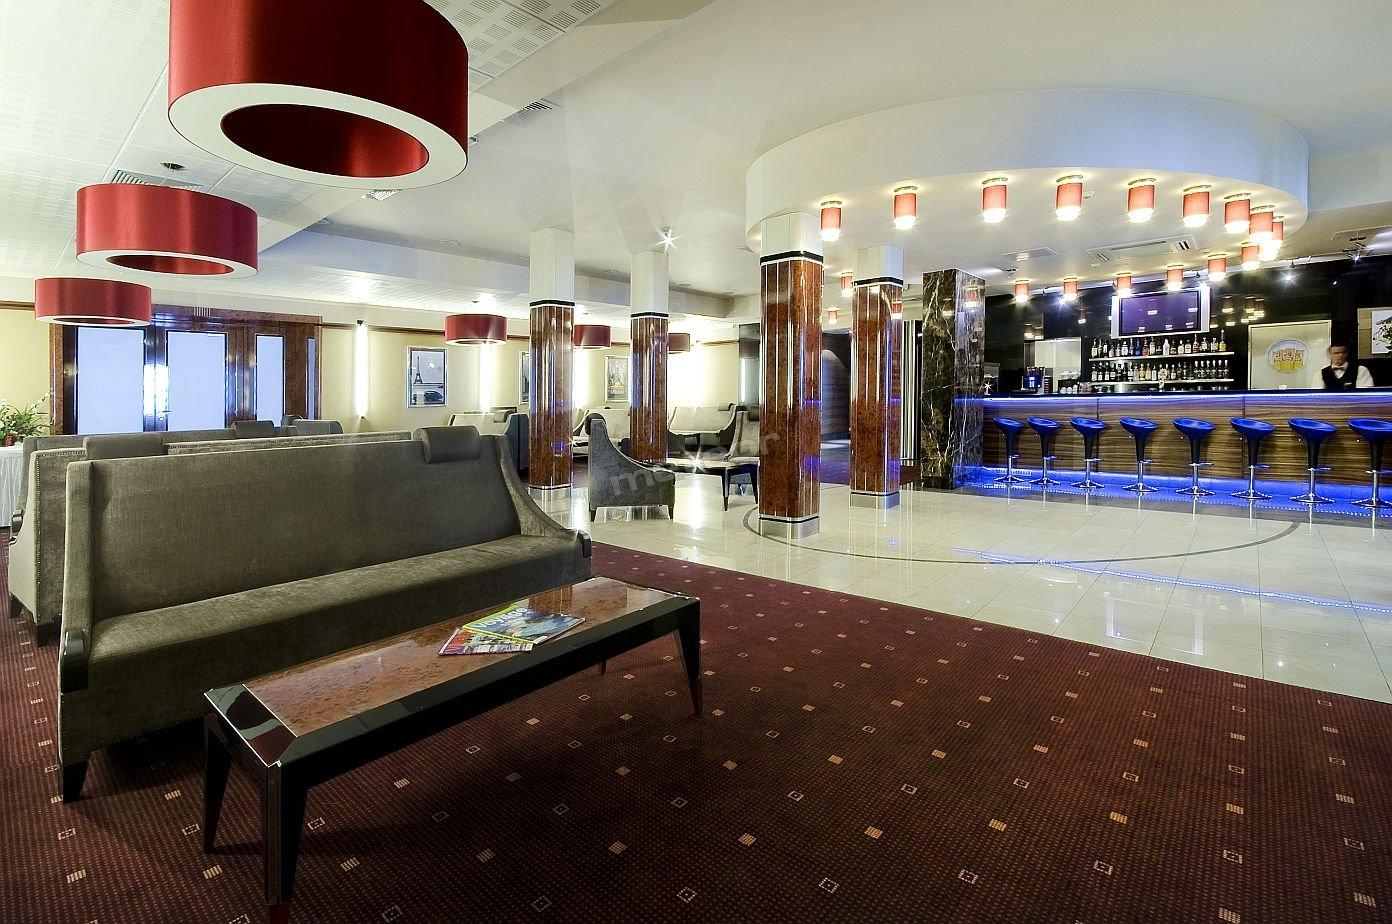 Hotel Panorama w Mszczonowie - lobby bar